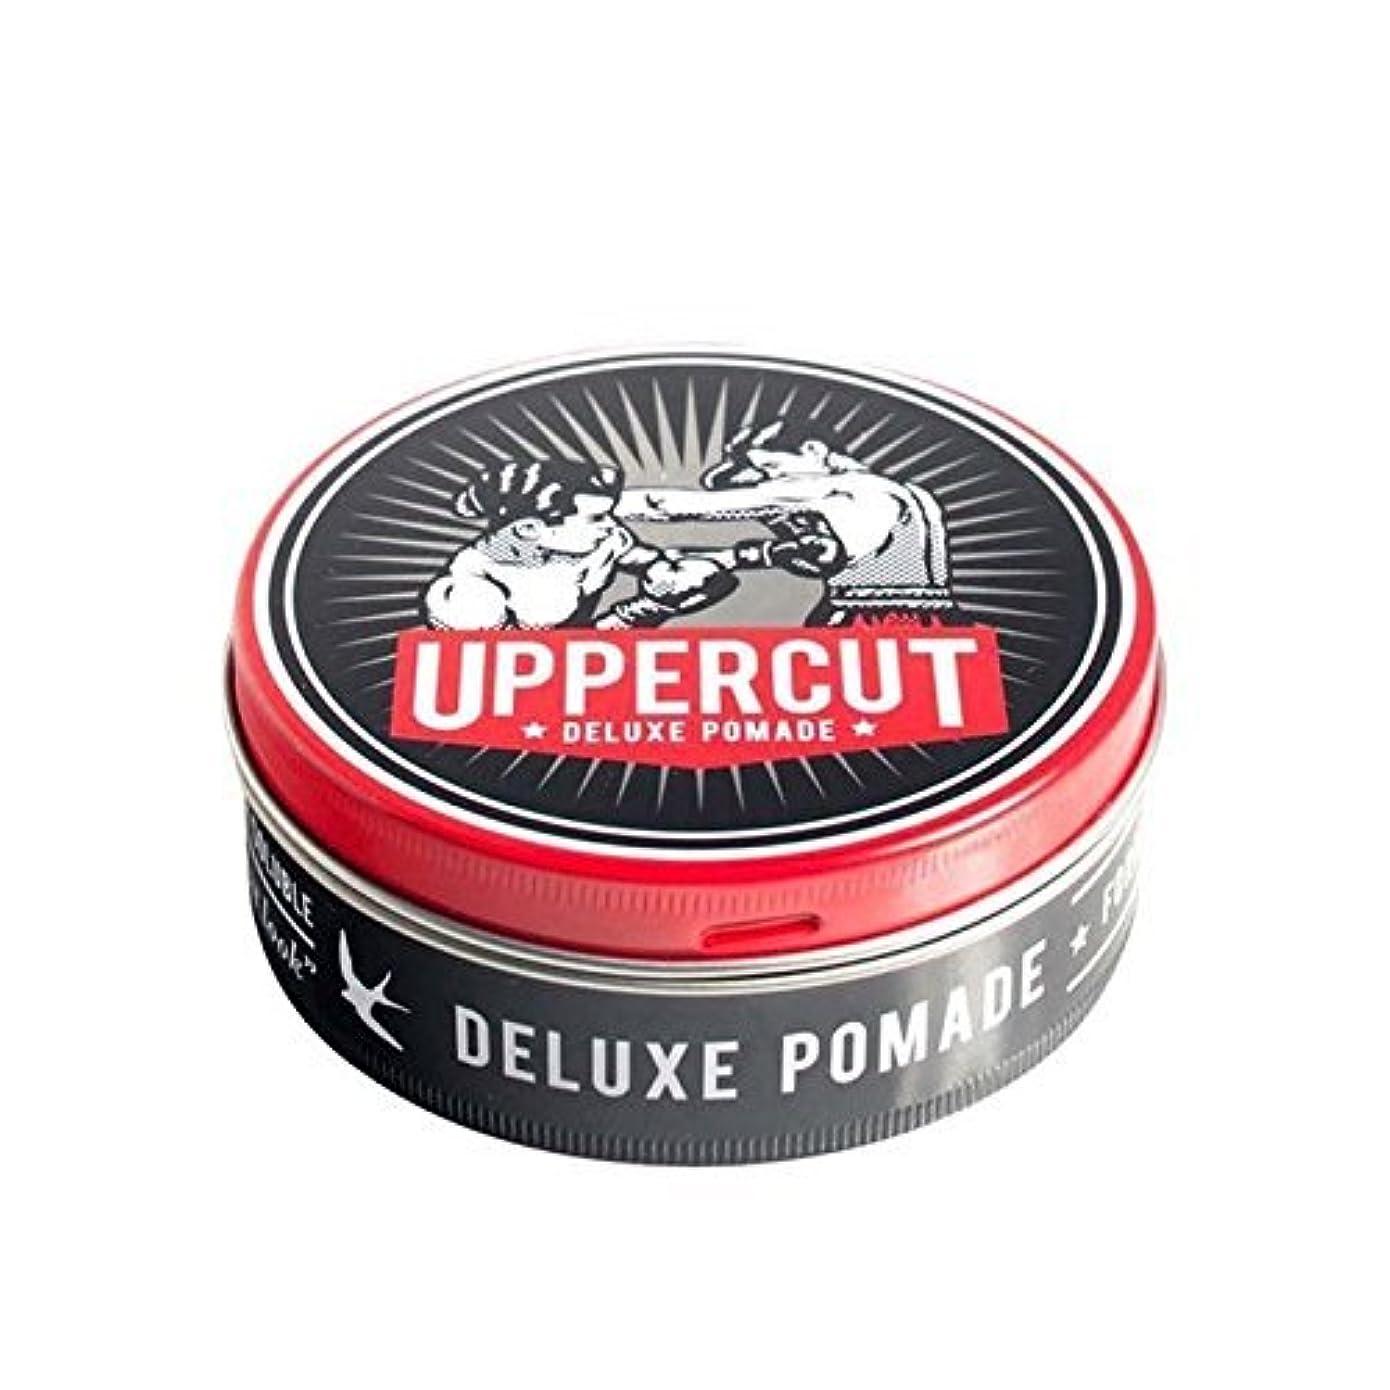 容量フライト豚UPPERCUT DELUXE POMADE アッパーカット デラックス ポマード 100g